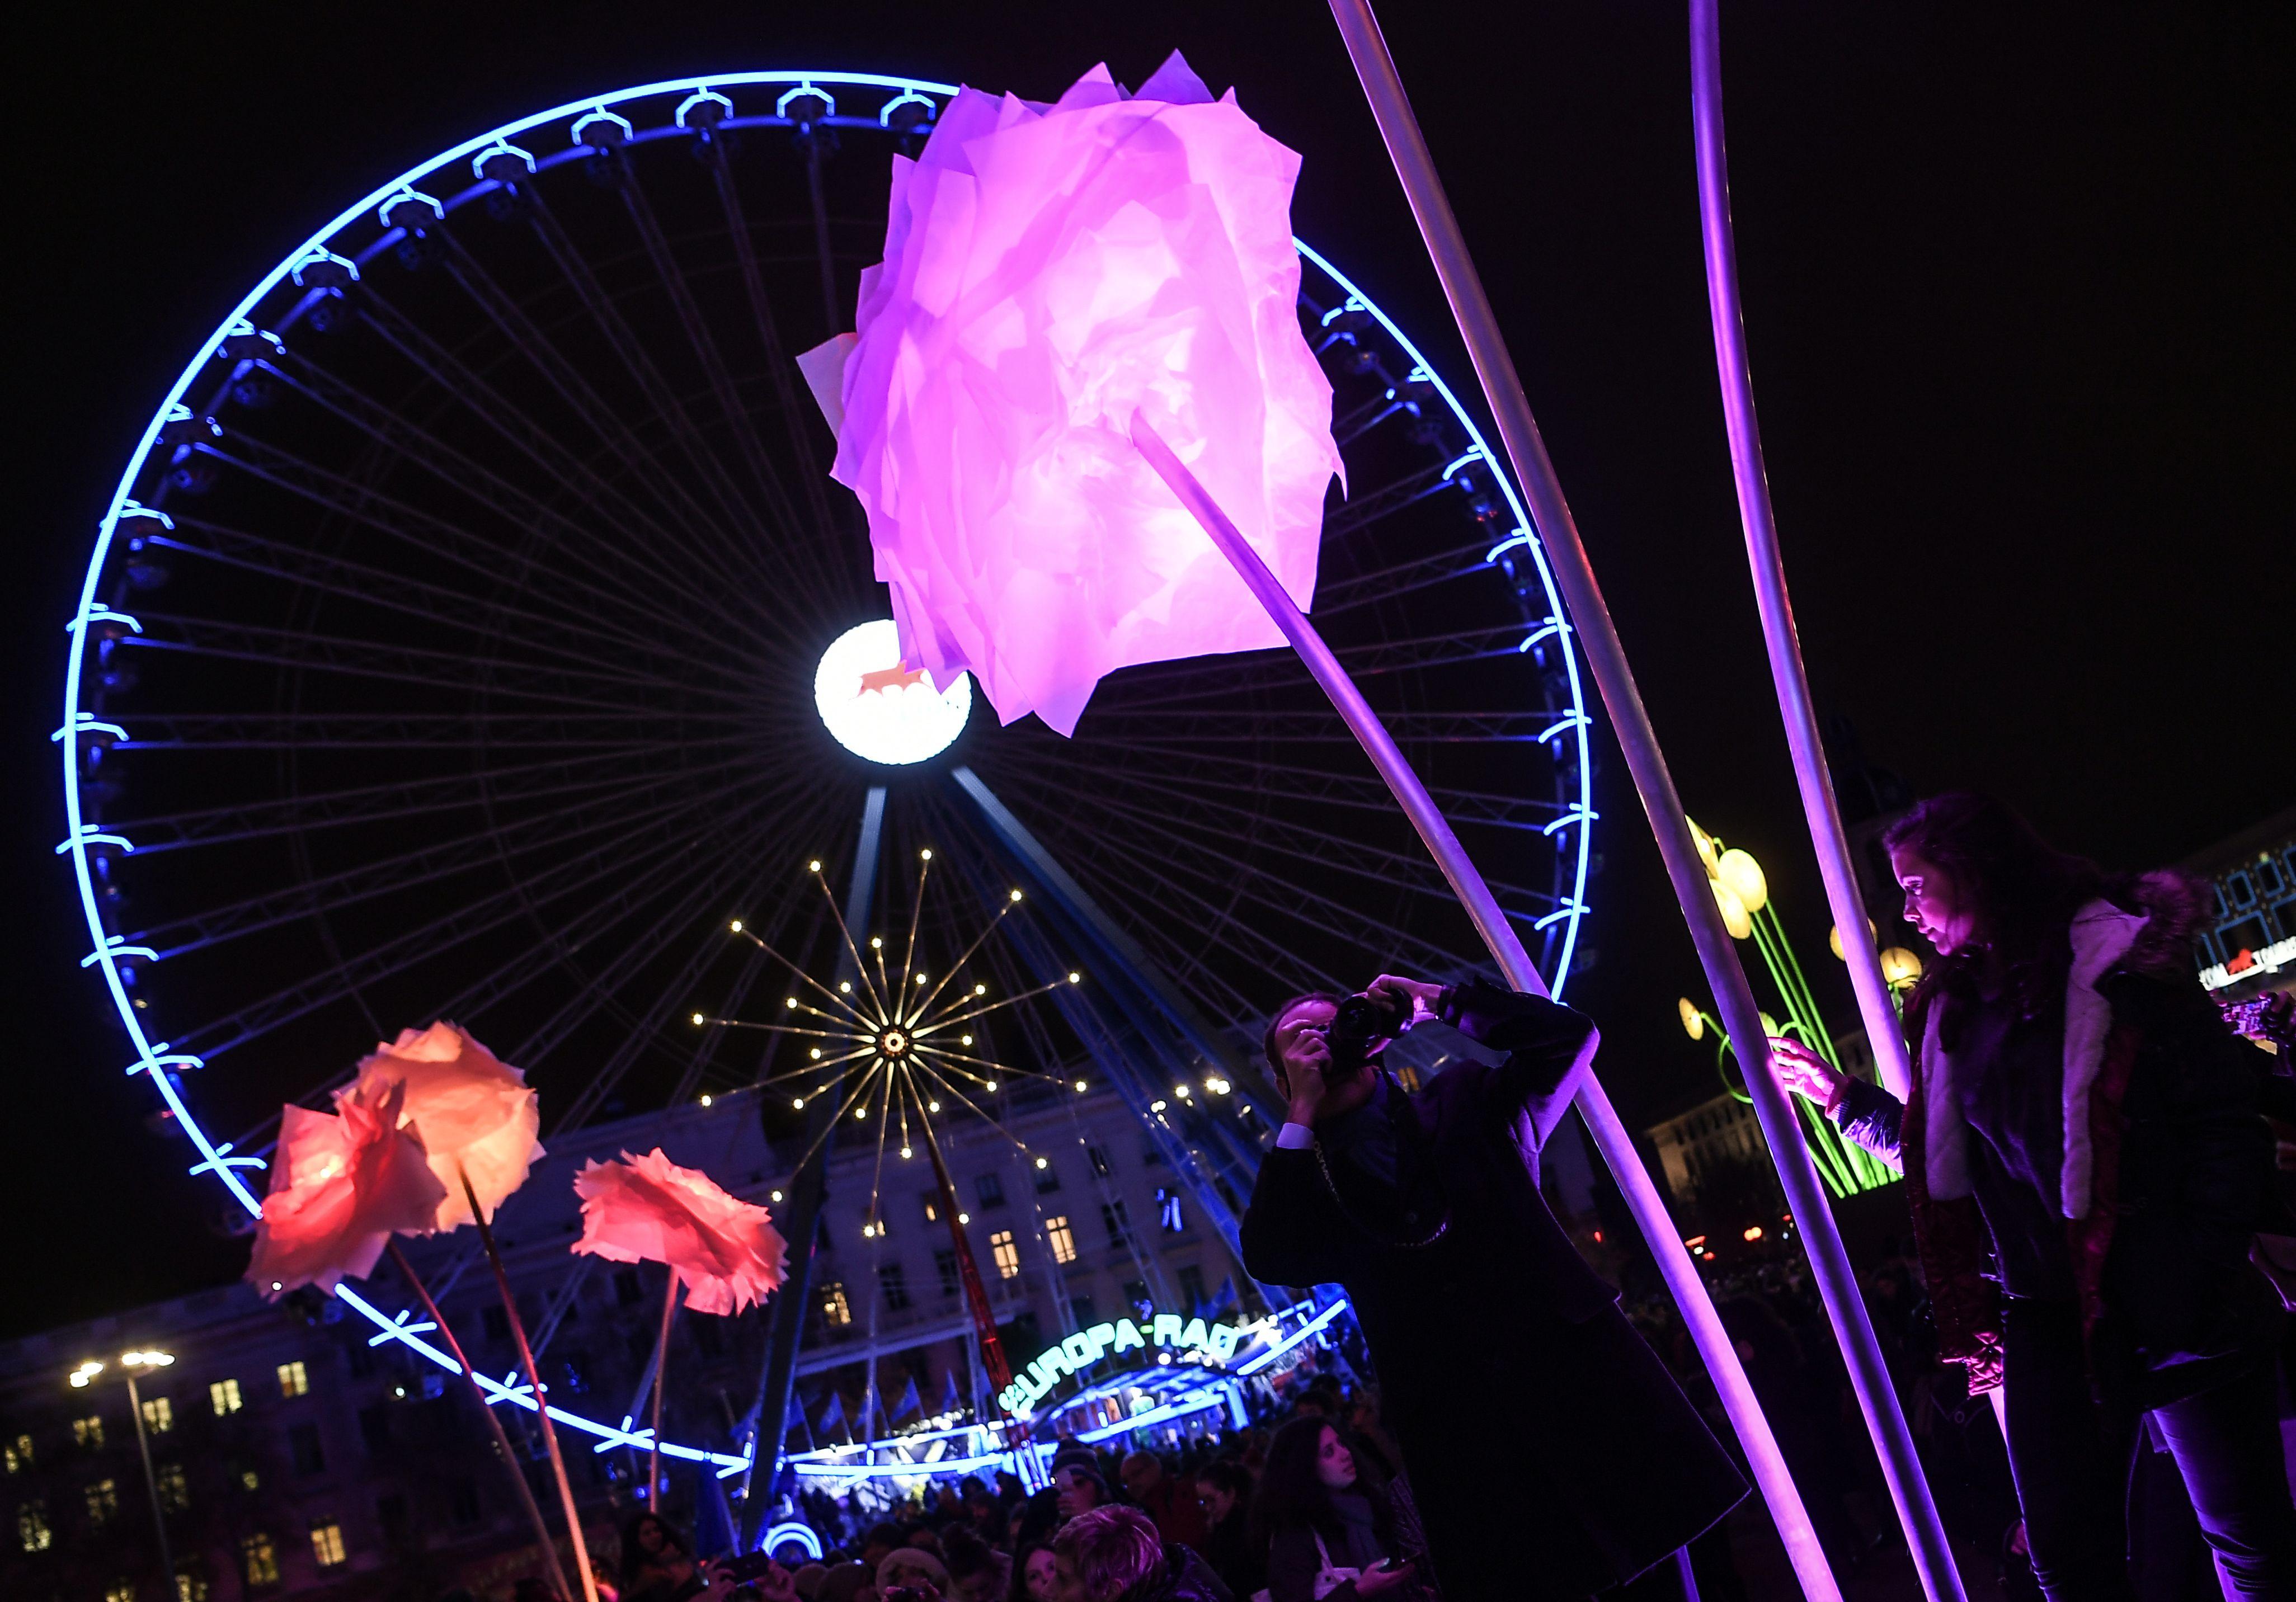 الألوان المبهرة فى مهرجان استثنائى بباريس